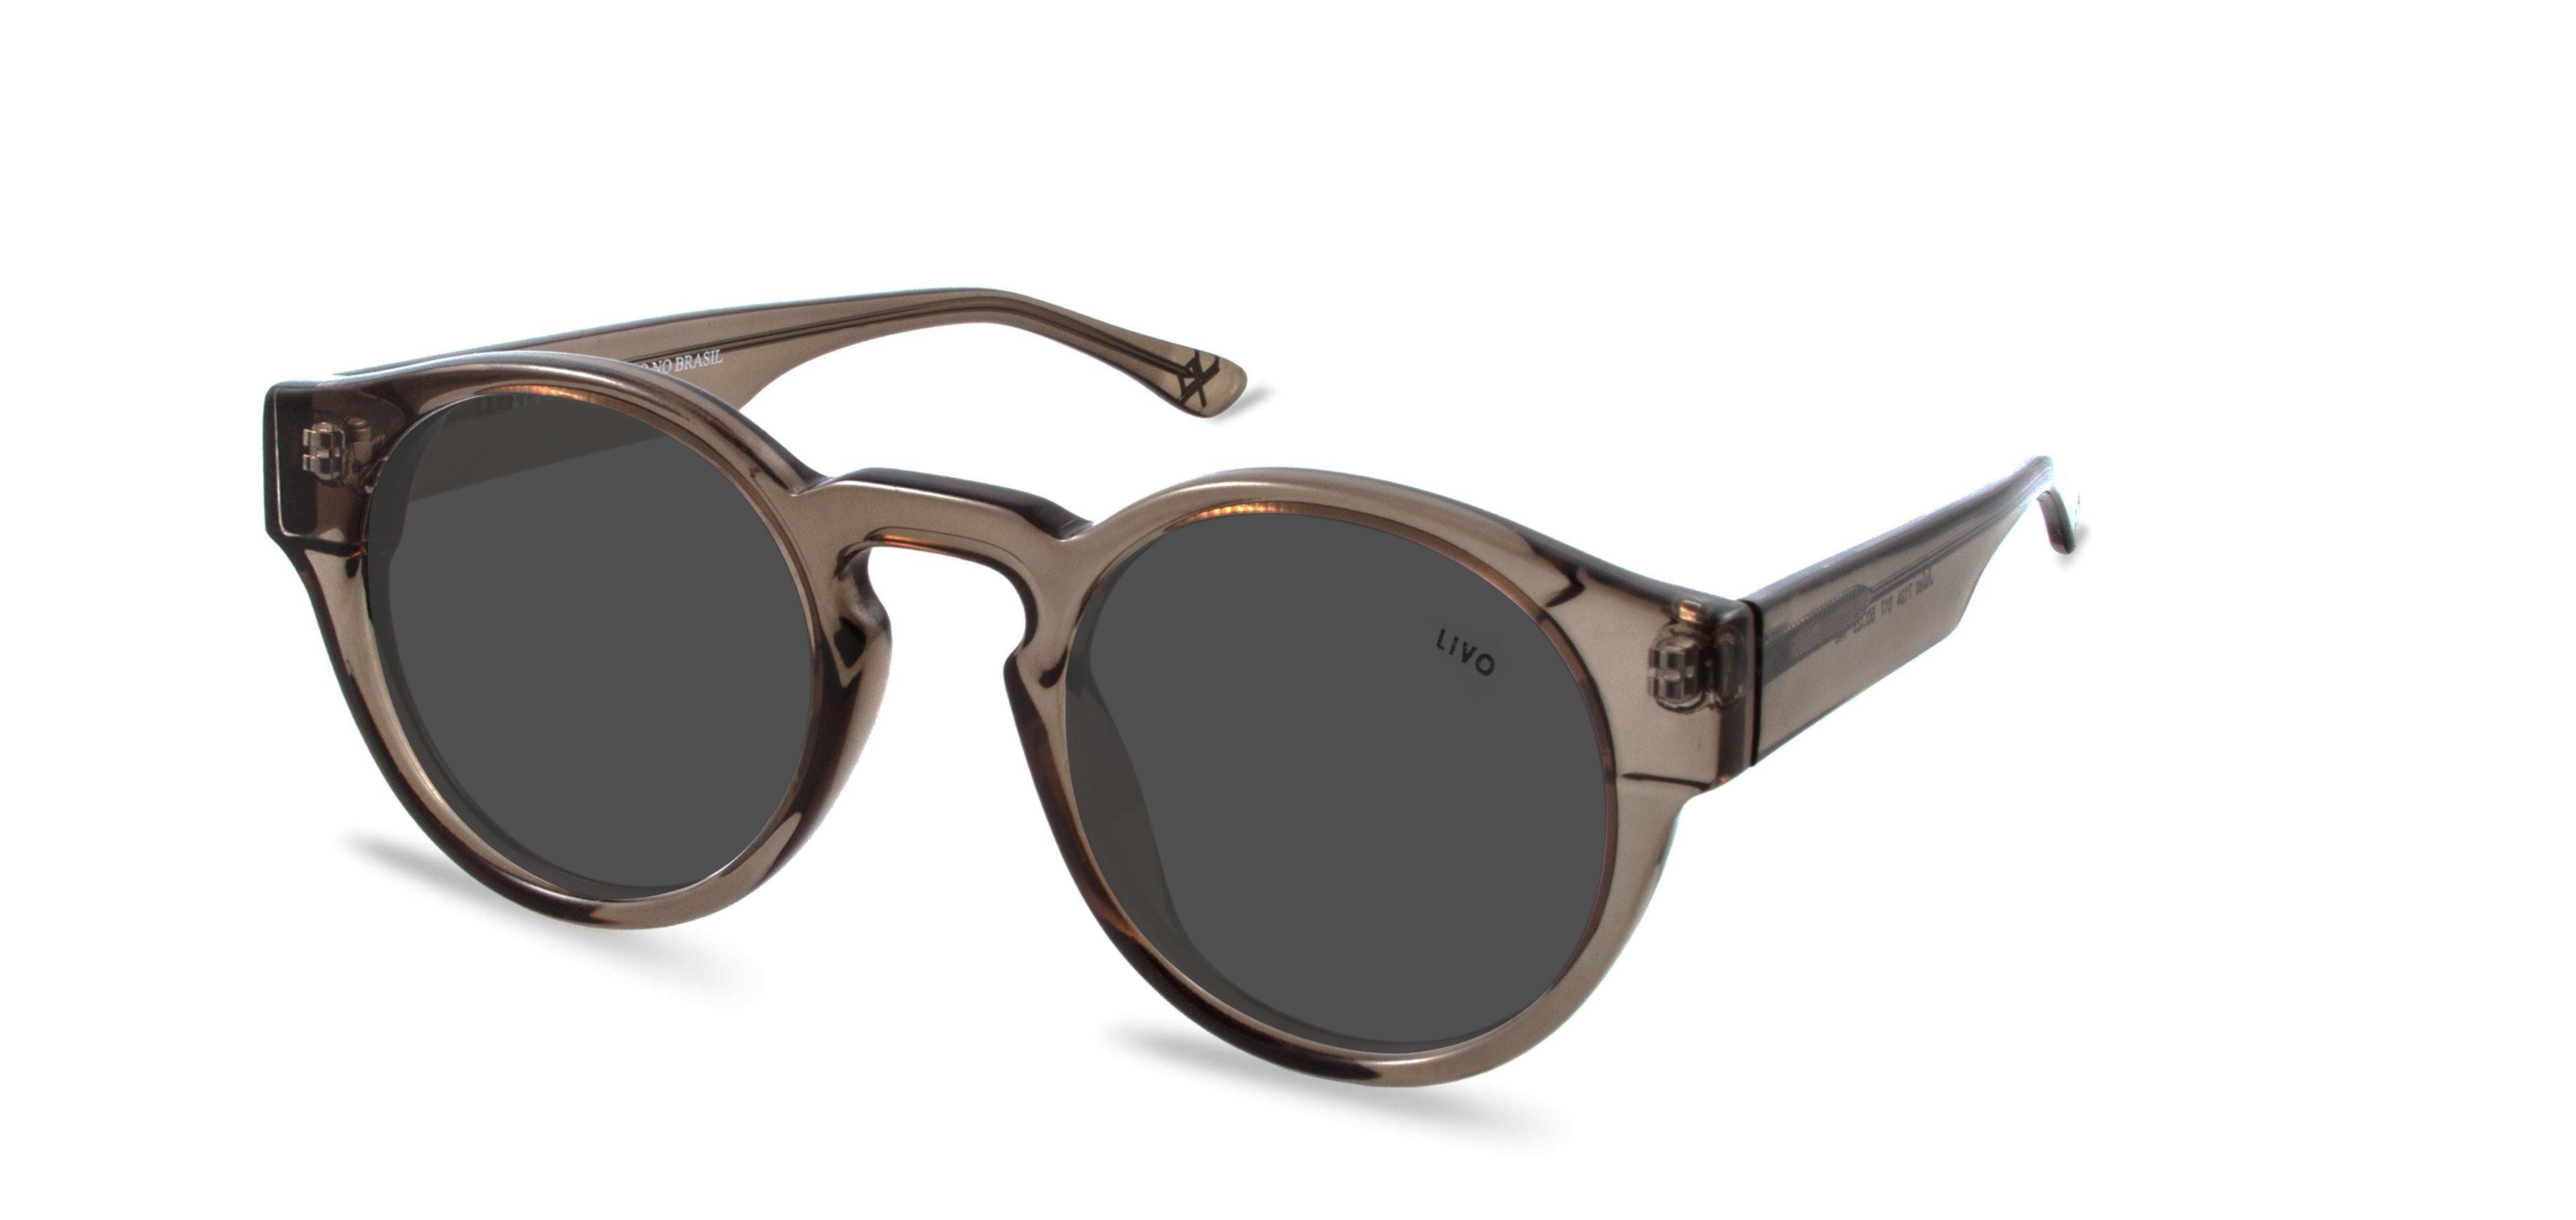 Óculos de sol Jules, da Livo Eyewear (R$399,00)